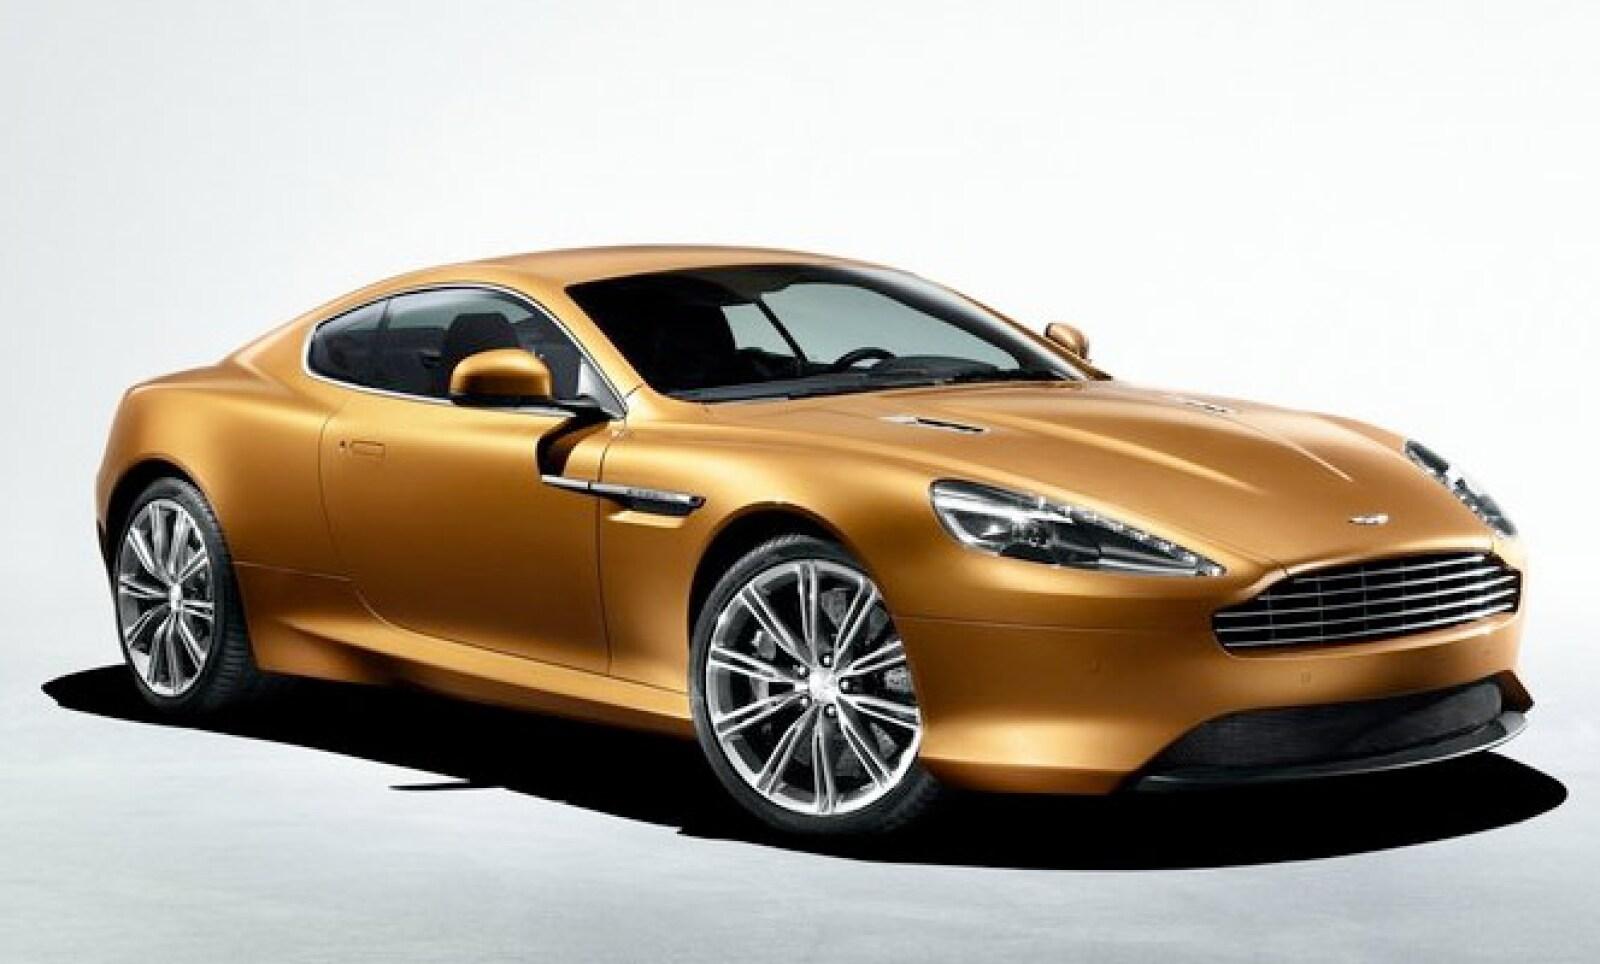 Tiene una velocidad máxima de 300 kilómetros por hora (km/h) de velocidad máxima y un despegue de 0 a 100 km/h en 4.6 segundos.